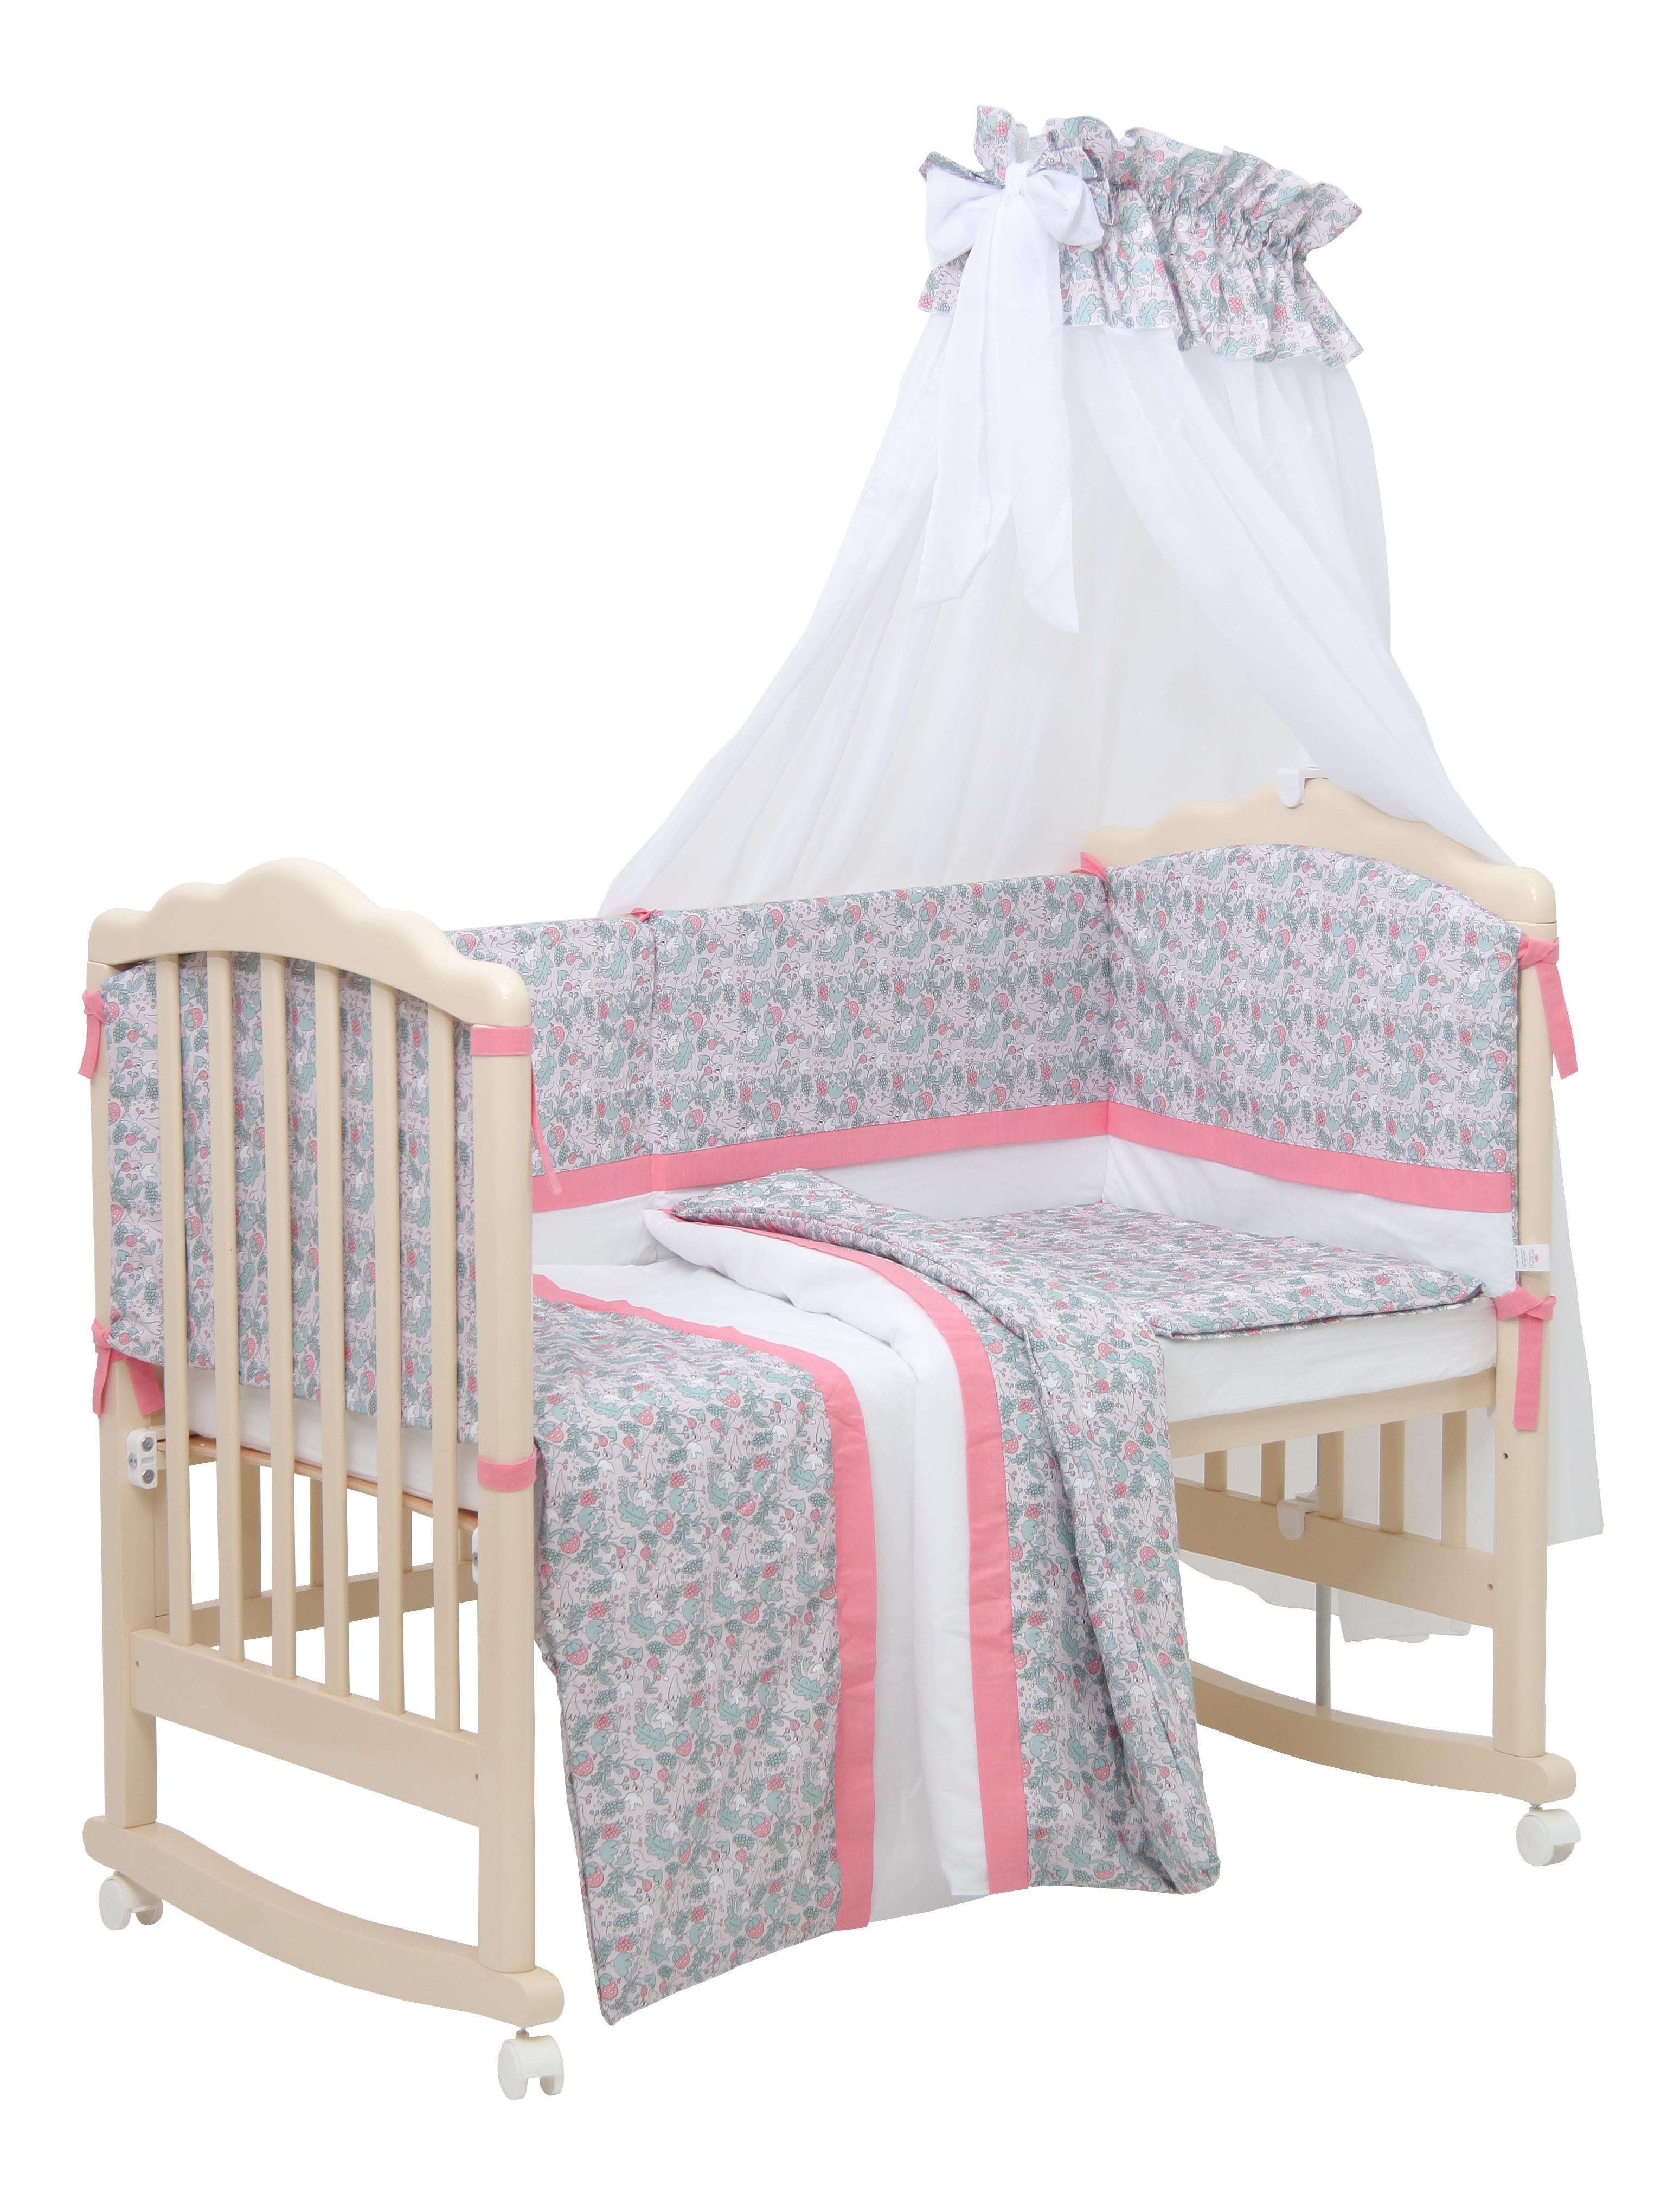 Комплект в кроватку Polini Disney Последний богатырь, 7 предметов, Принцесса розовый